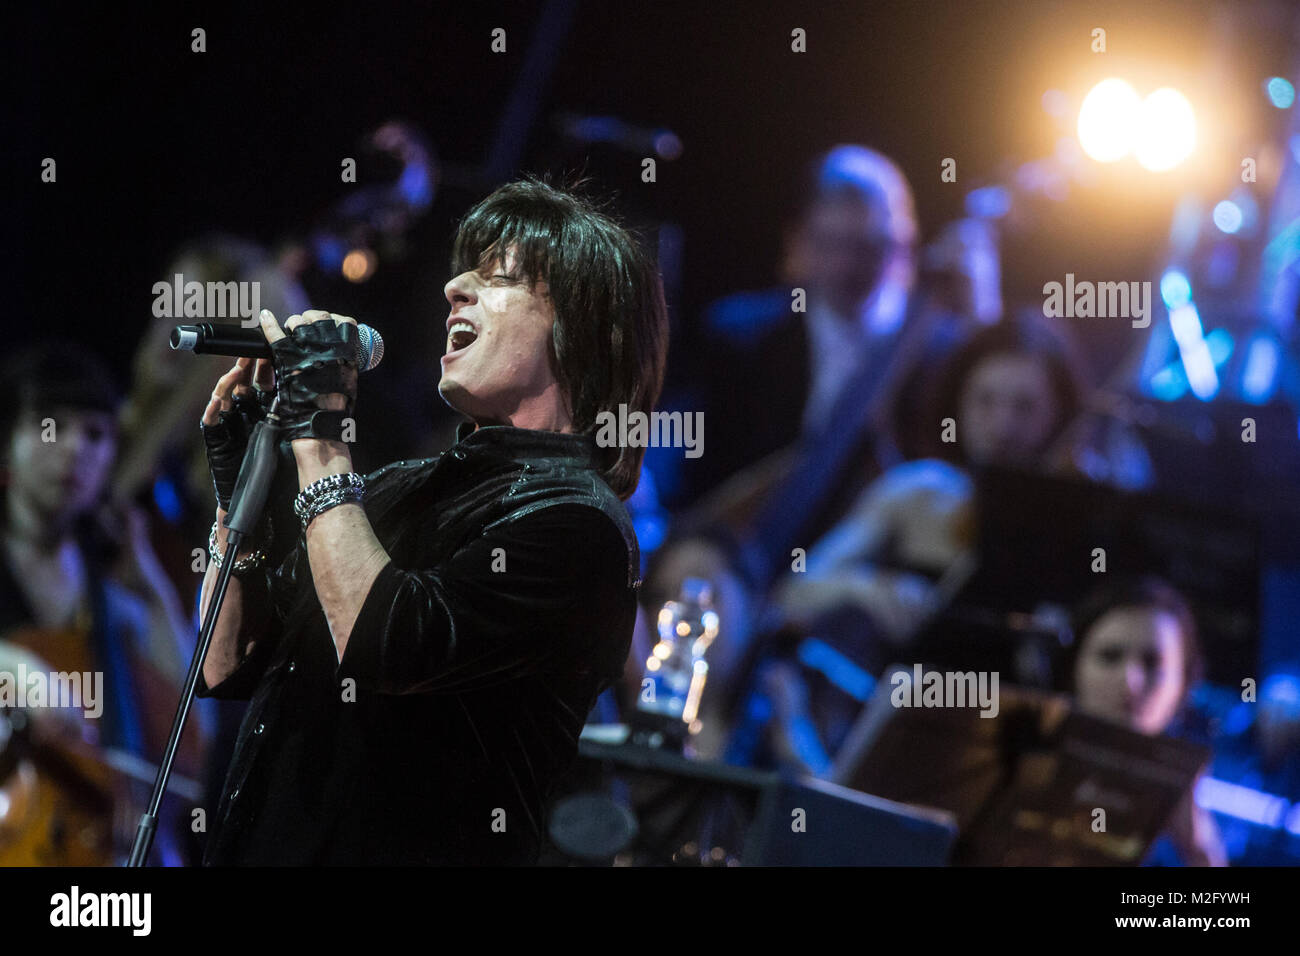 Concert Hard Rock Caf Ef Bf Bd Prague